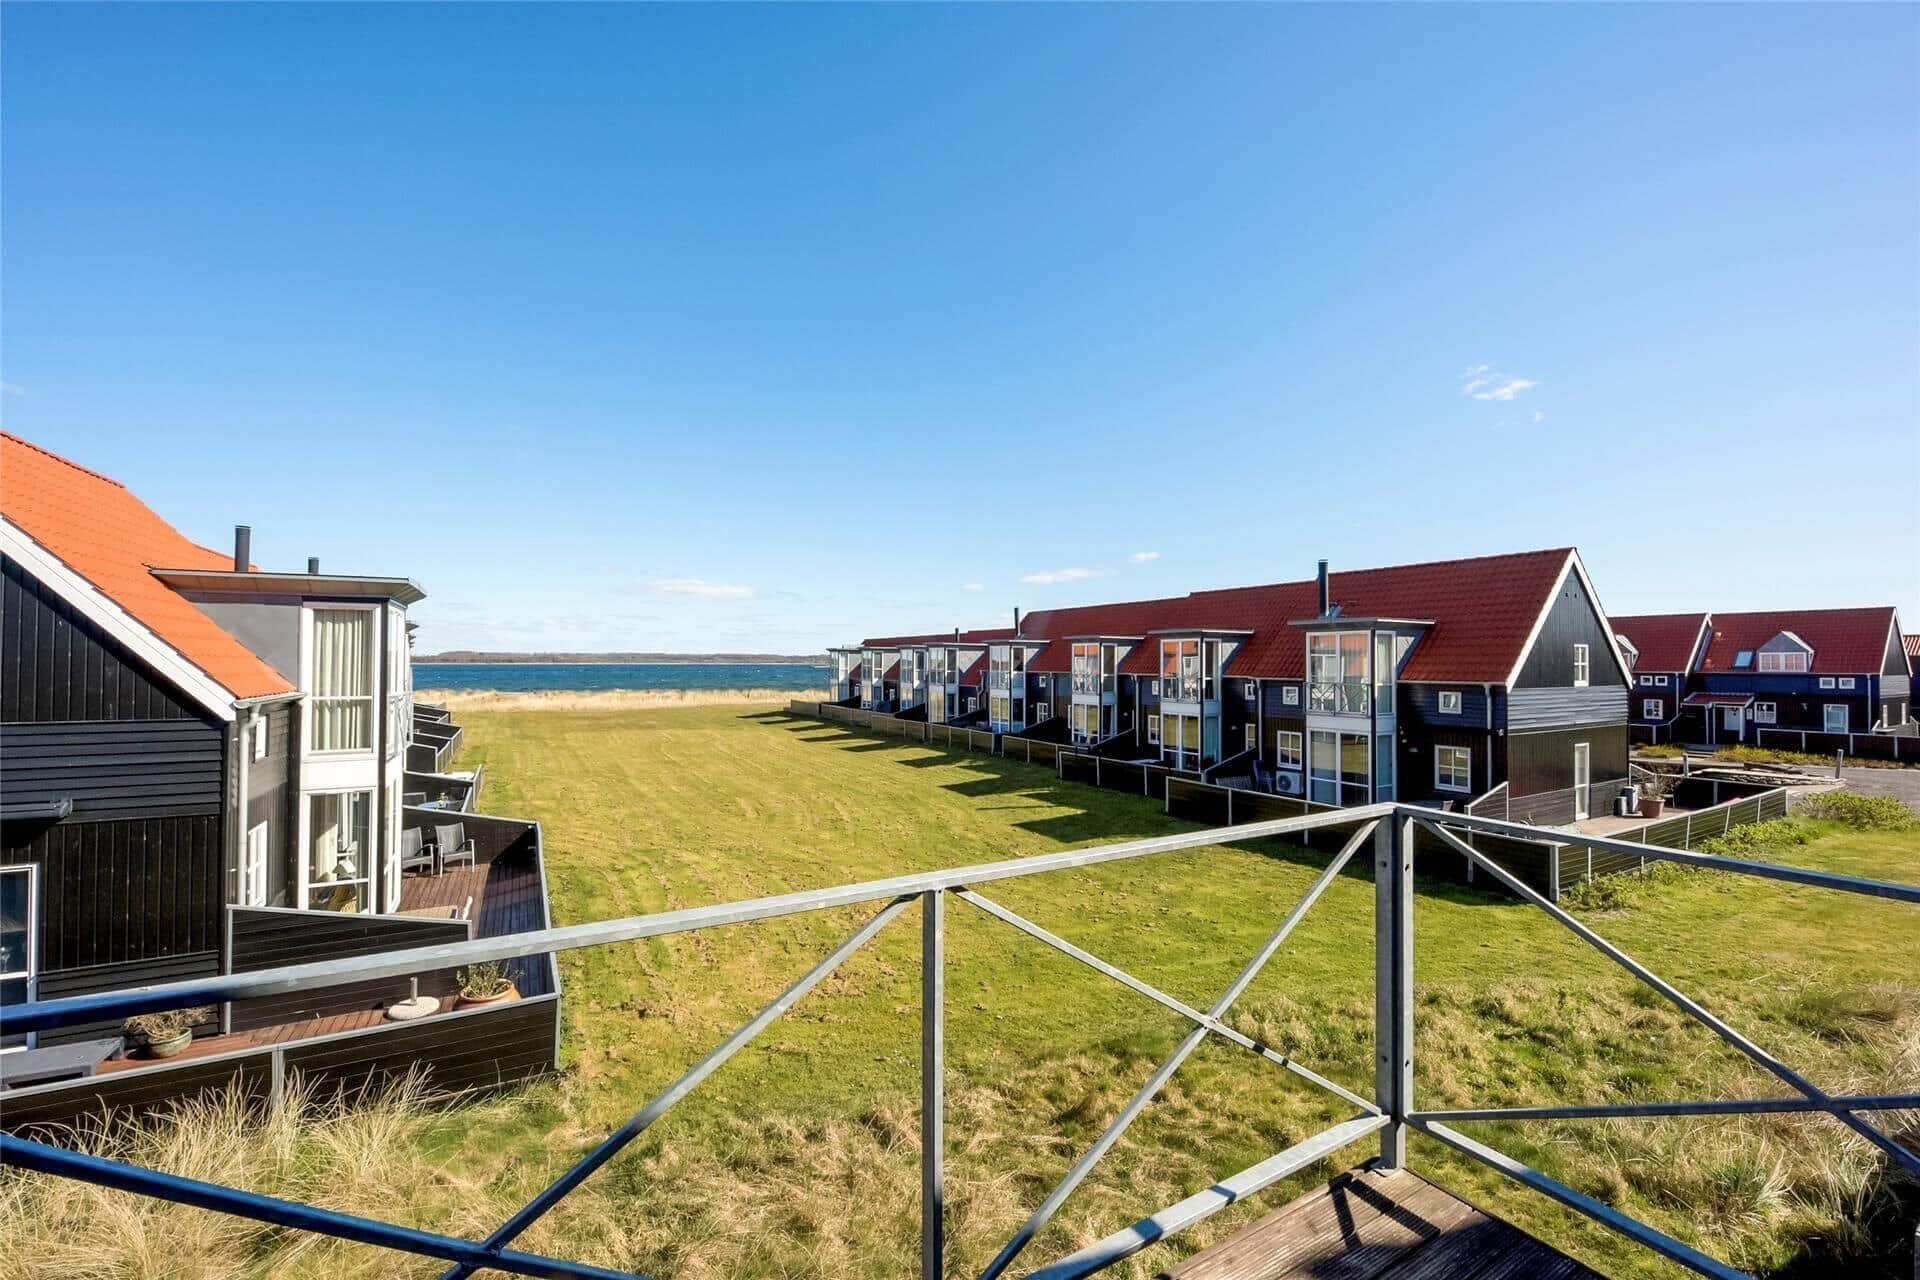 Billede 1-19 Sommerhus 40143, Strandengen 75, DK - 7130 Juelsminde